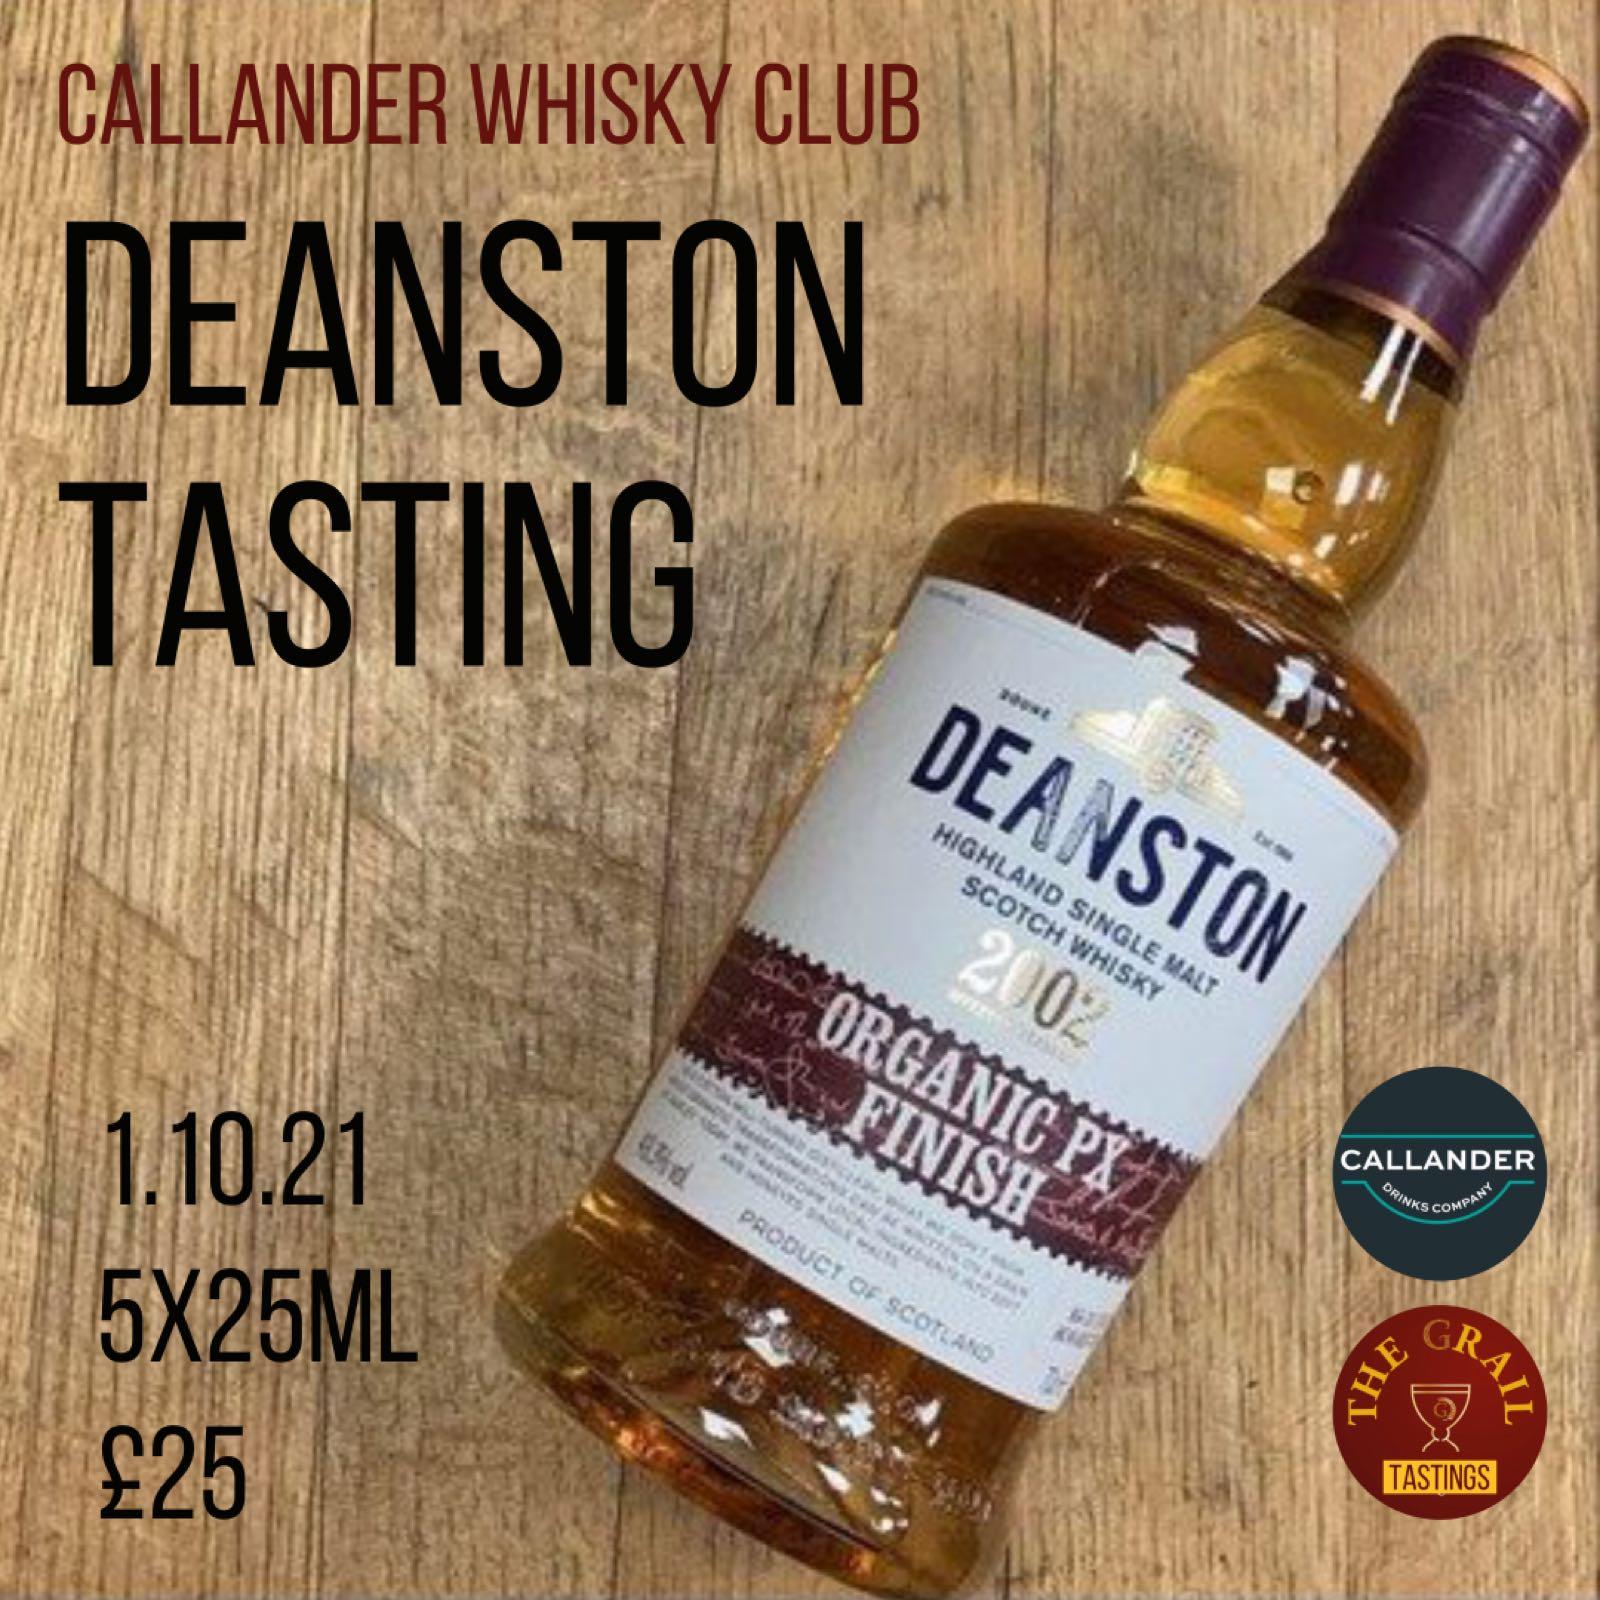 Deanston Whisky Tasting 1.10.21